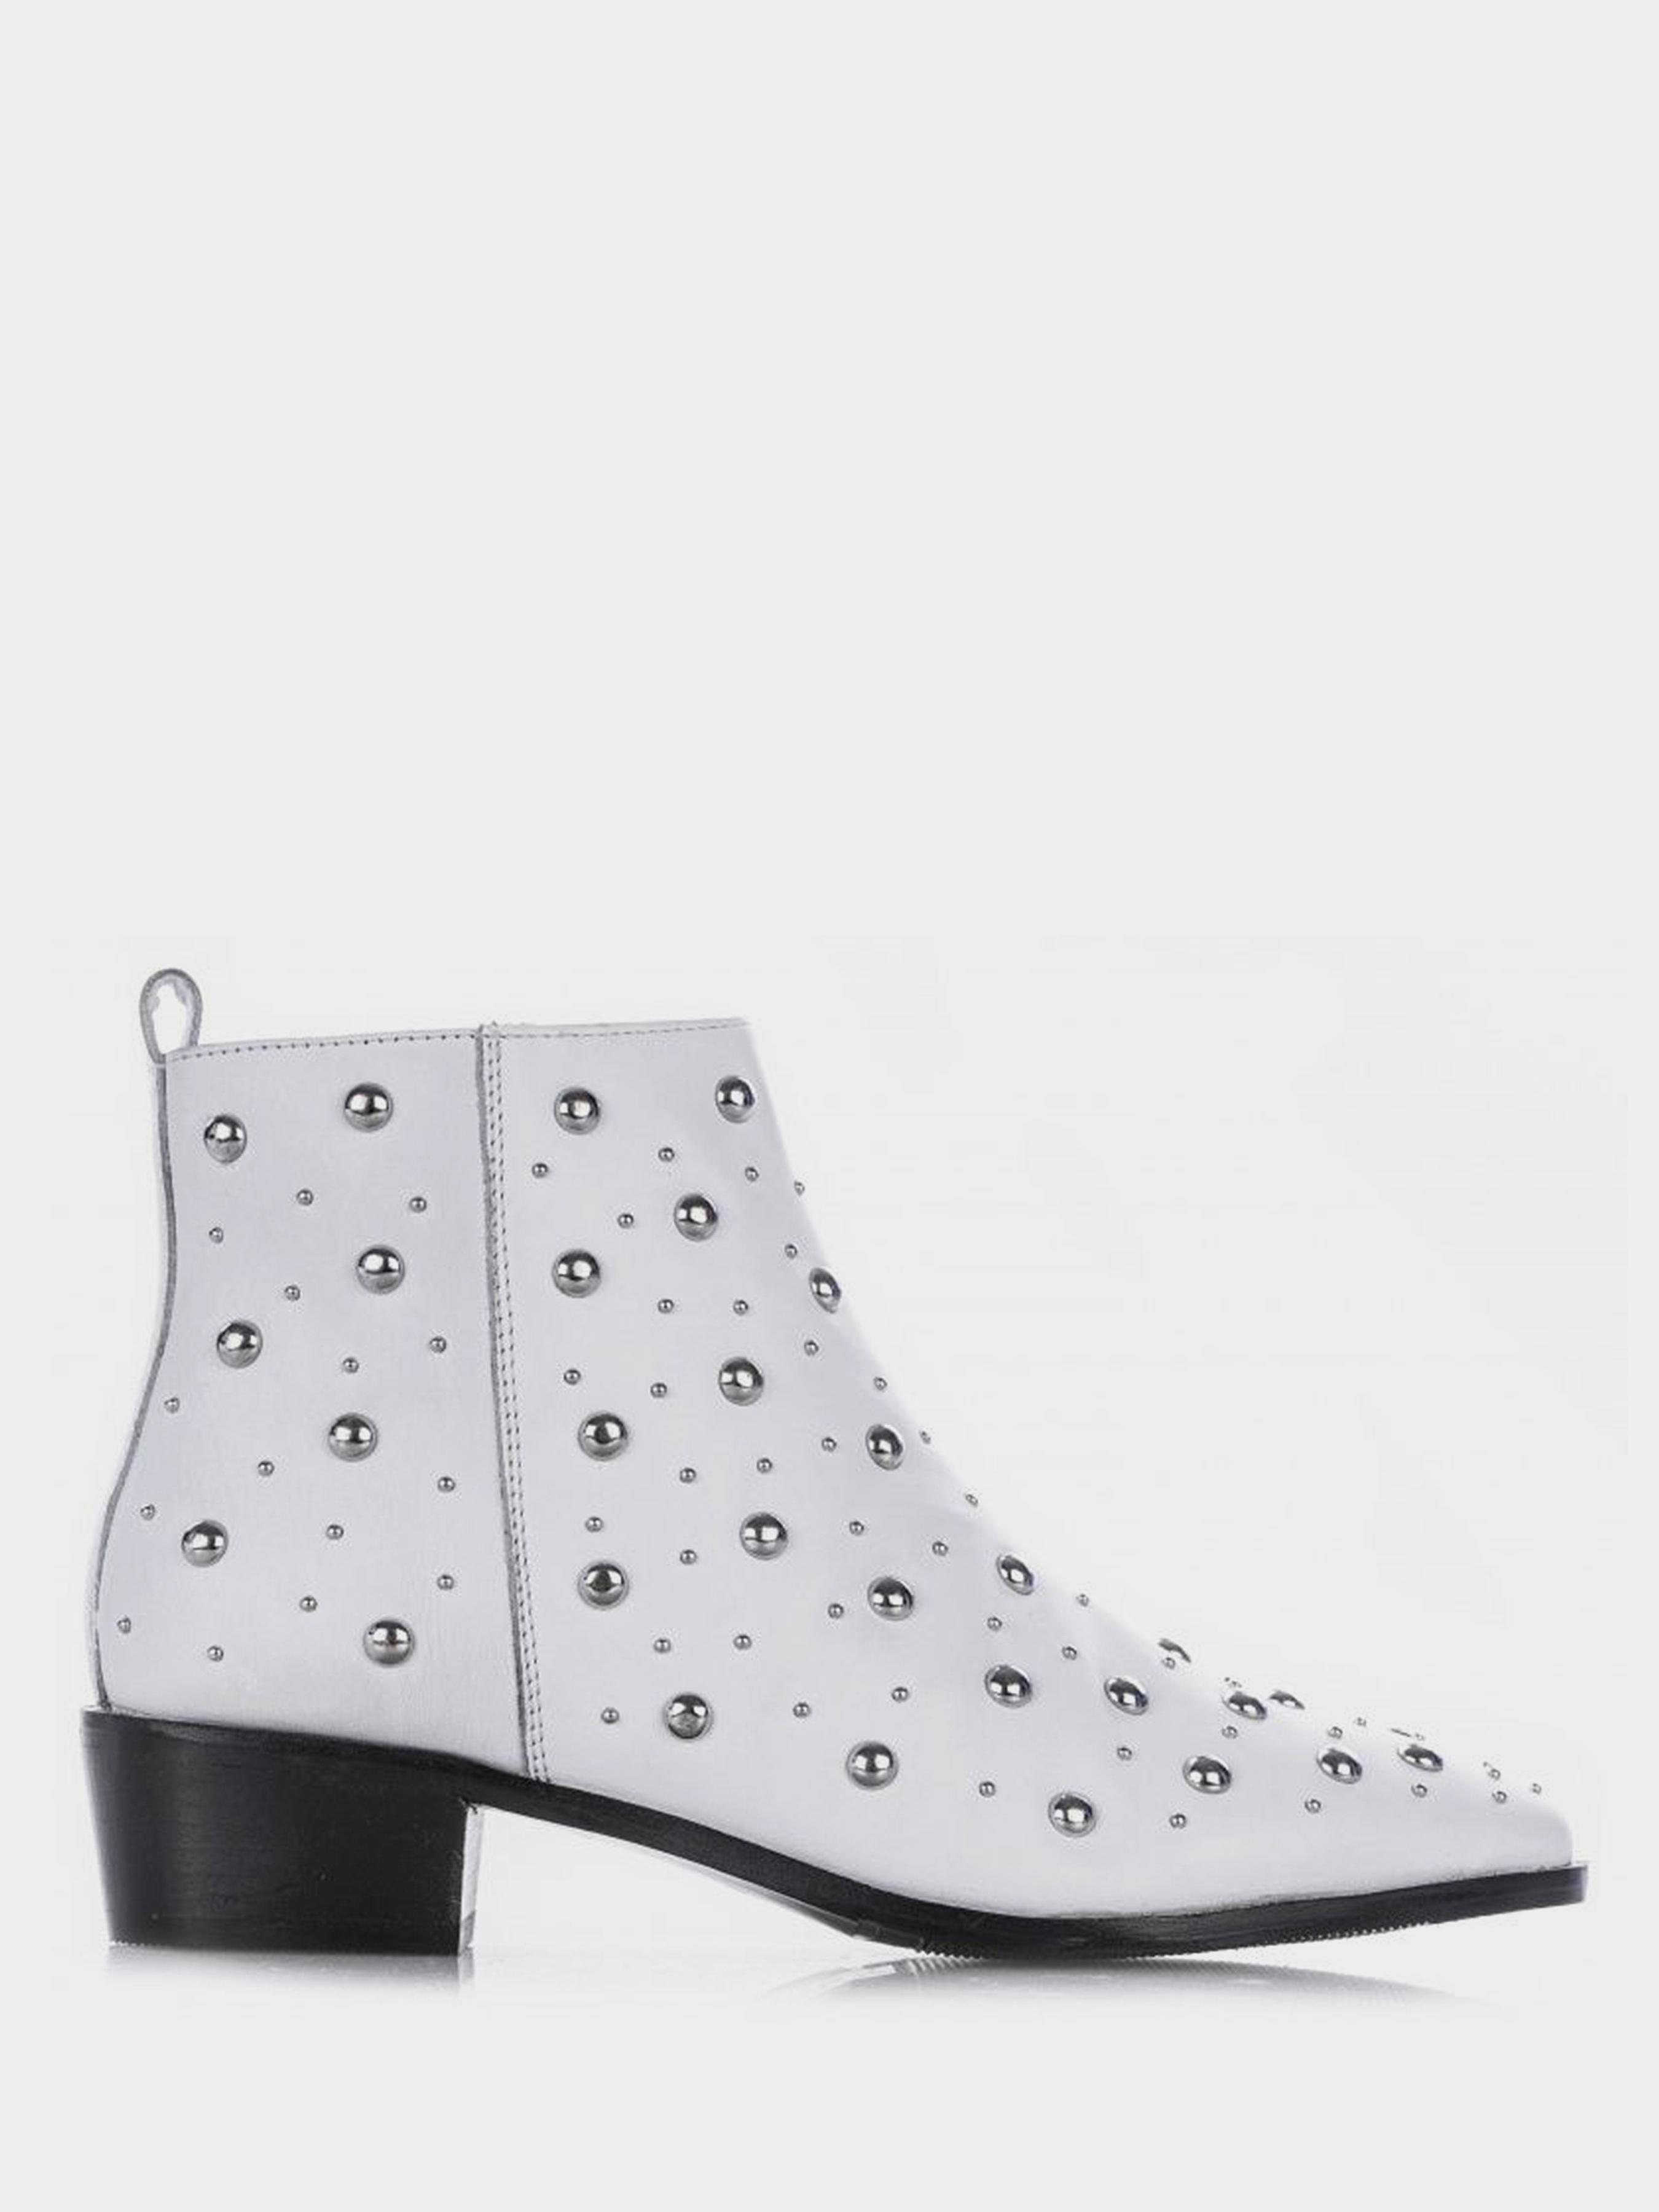 Ботинки для женщин Bronx Btex-chunkyX BX2033 Заказать, 2017